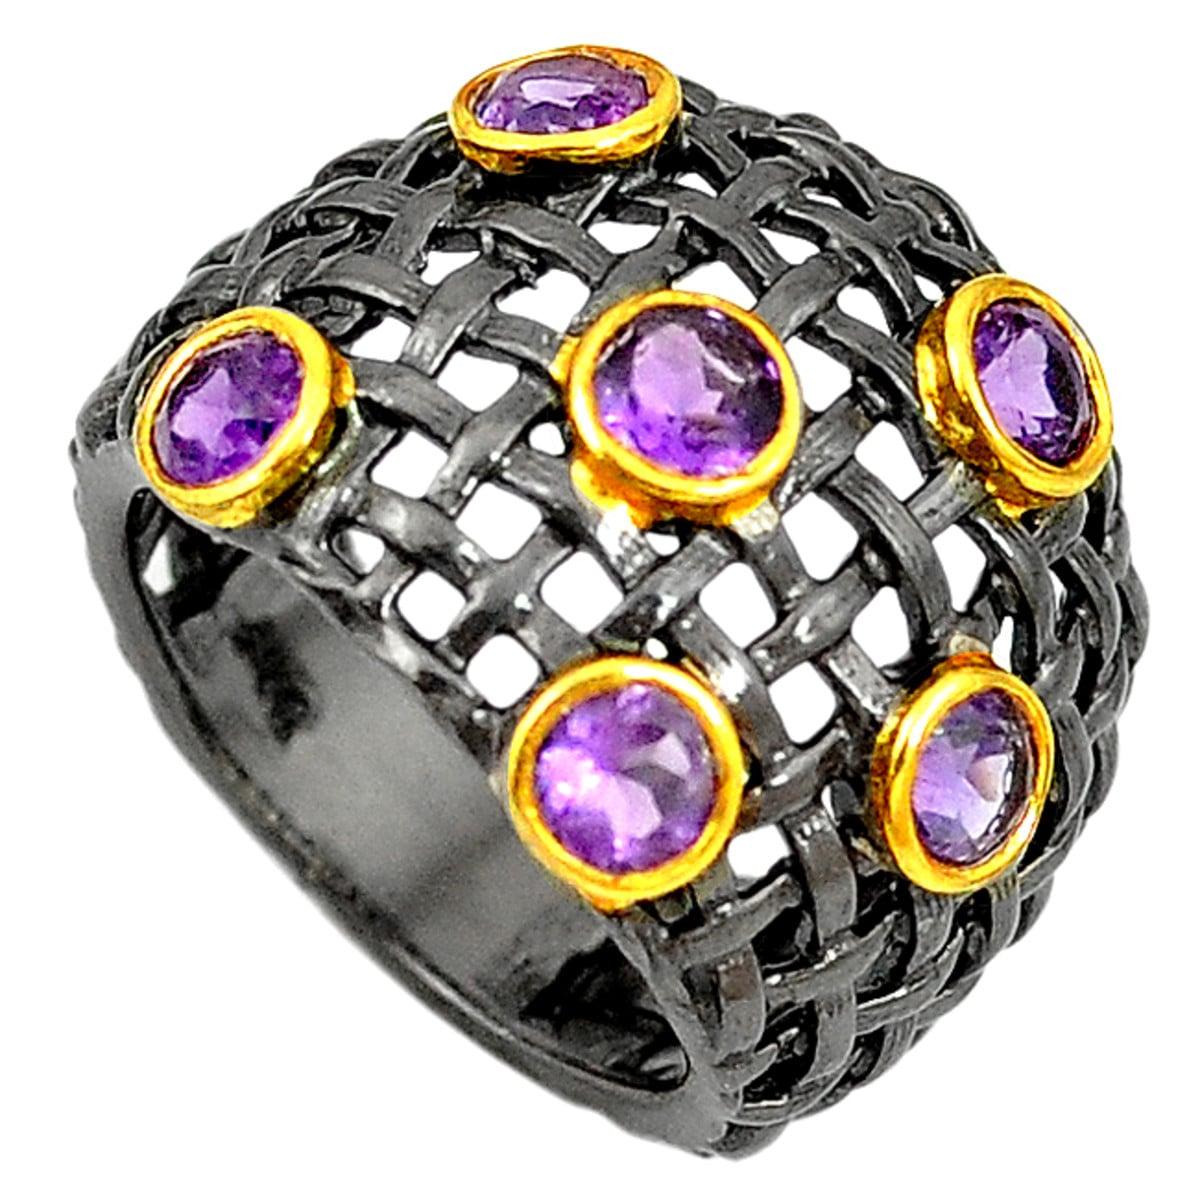 טבעת כסף מעוצבת משובצת אבני אמטיסט סגולות RG5754 | תכשיטי כסף 925 | טבעות כסף